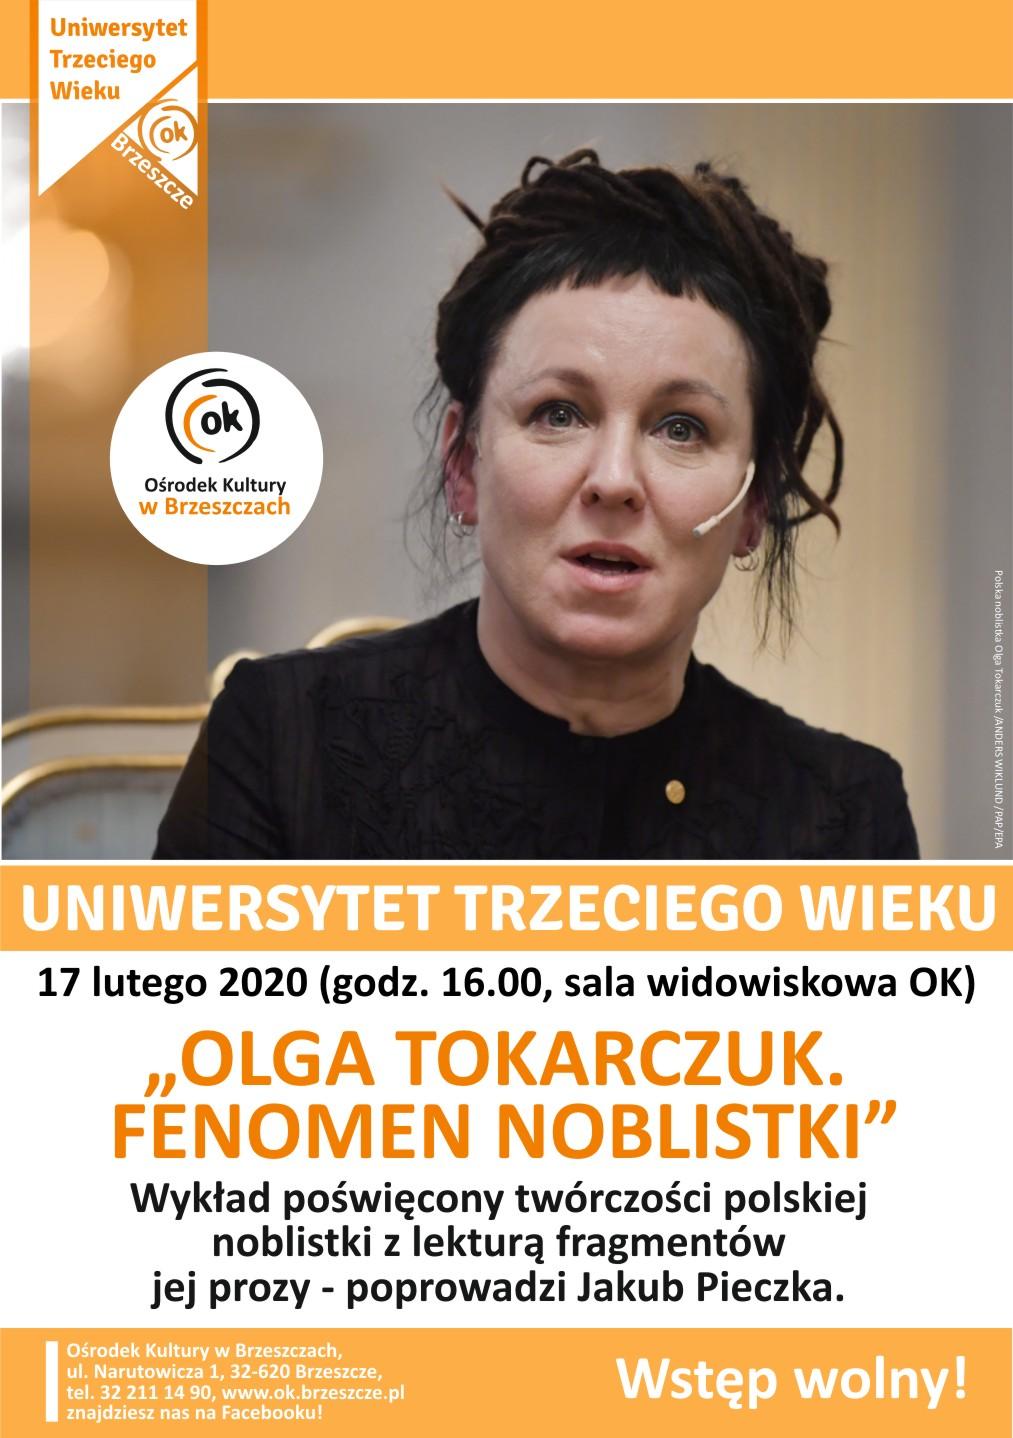 Olga Tokarczuk - Fenomen Noblistki